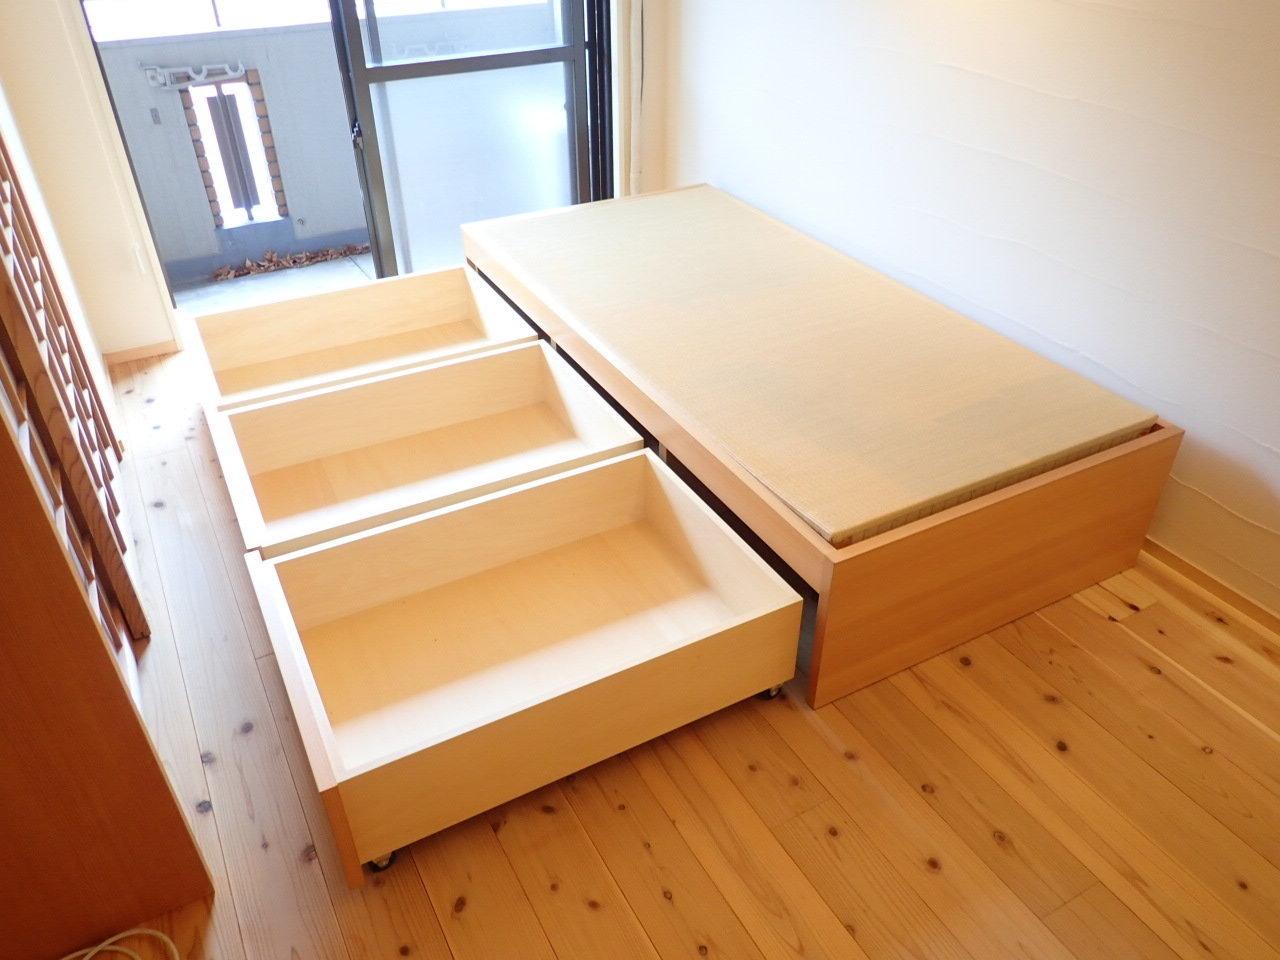 窓際にあるベッド下の収納力には驚き!衣替え前の洋服など、普段はあまり使わないものの収納にぴったりです。